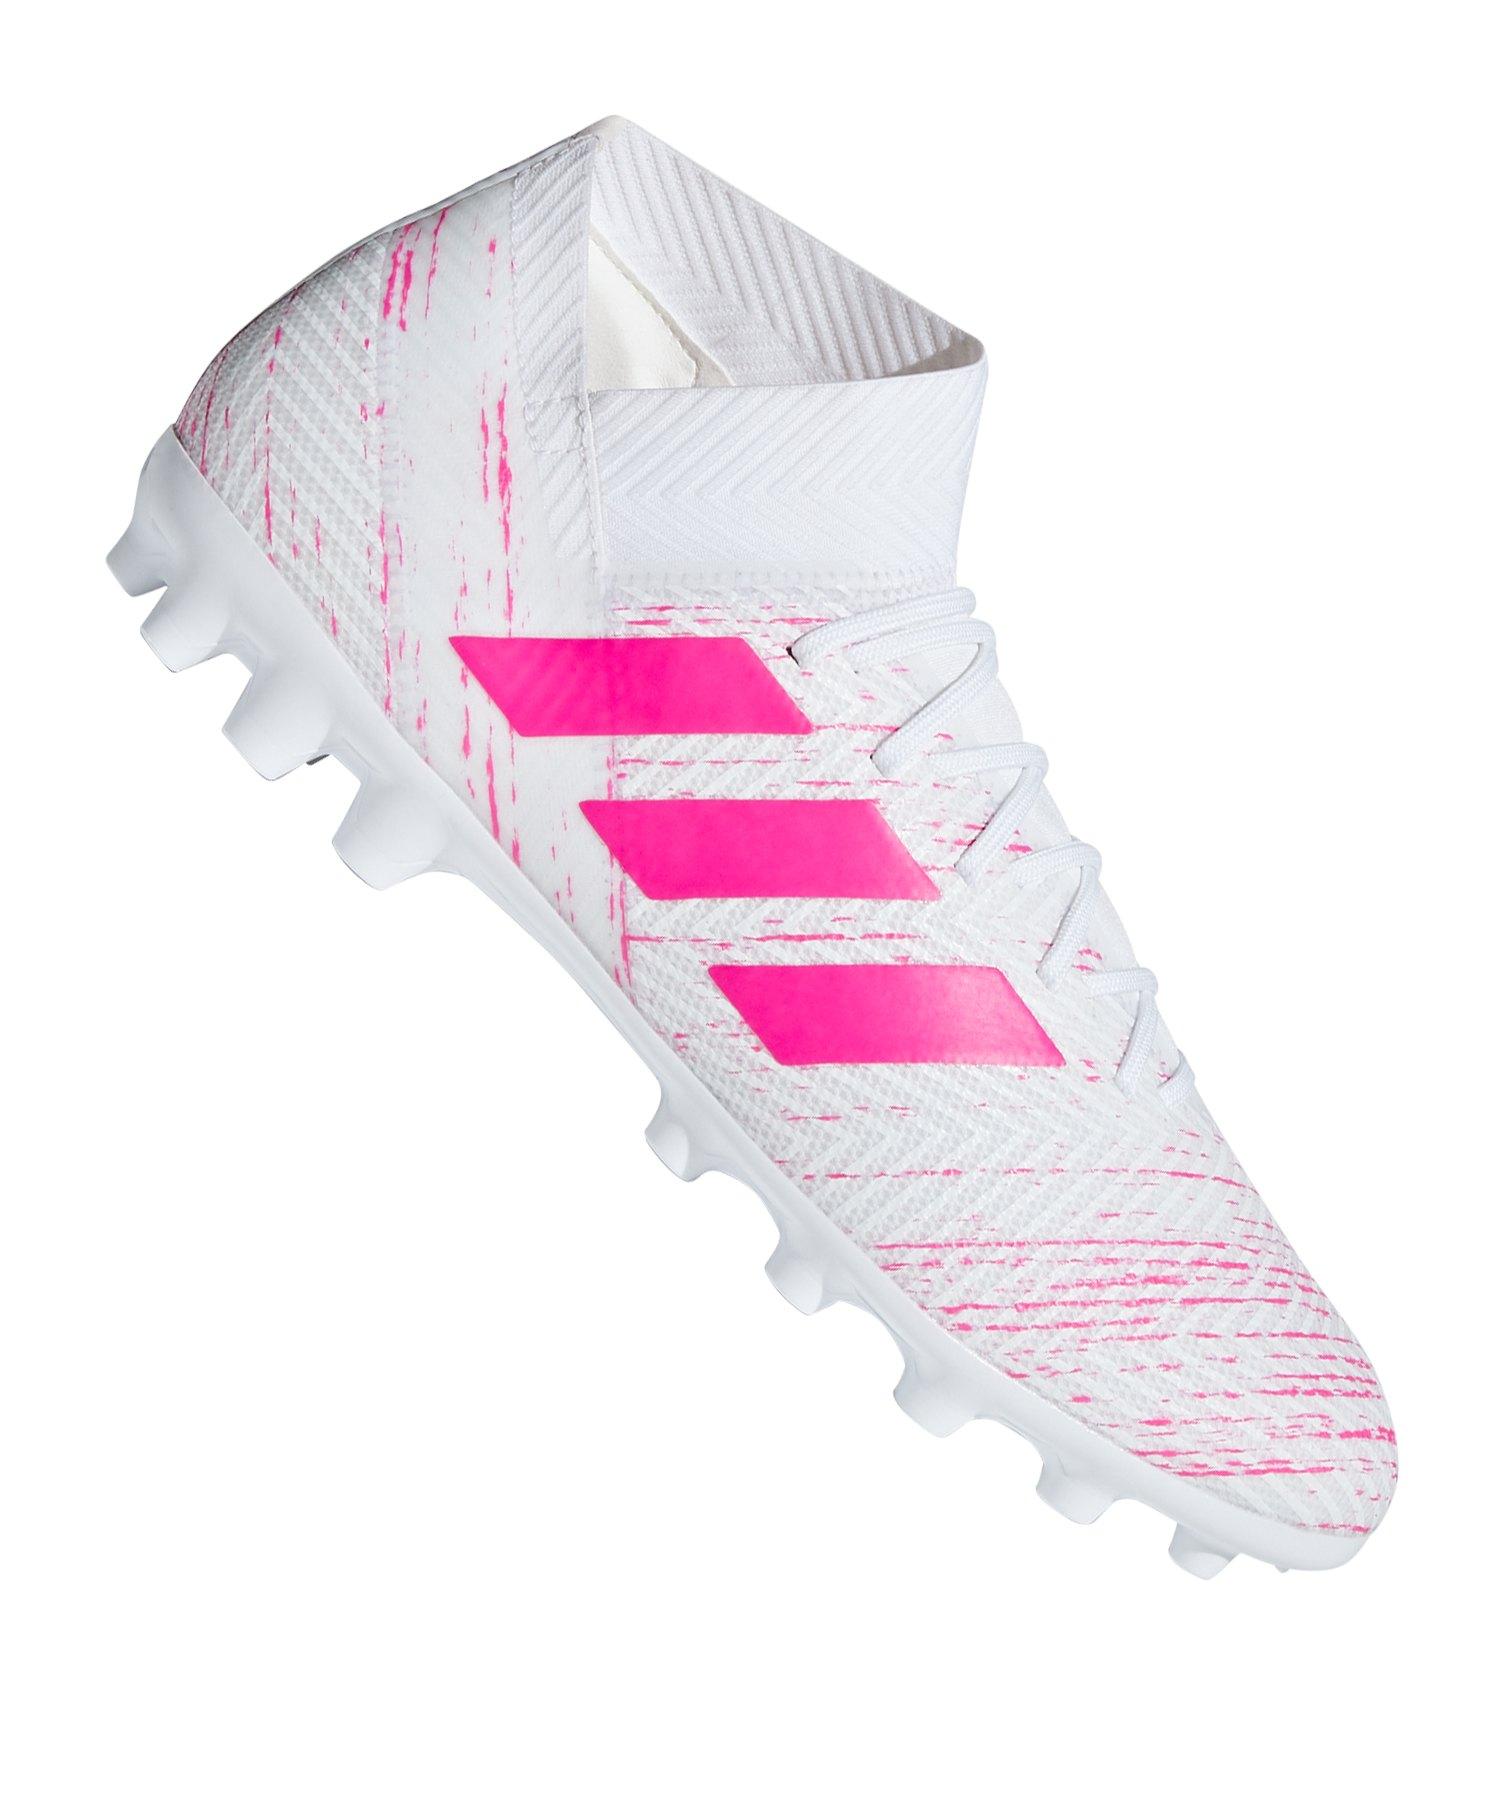 adidas NEMEZIZ 18.3 AG Weiss Pink - weiss